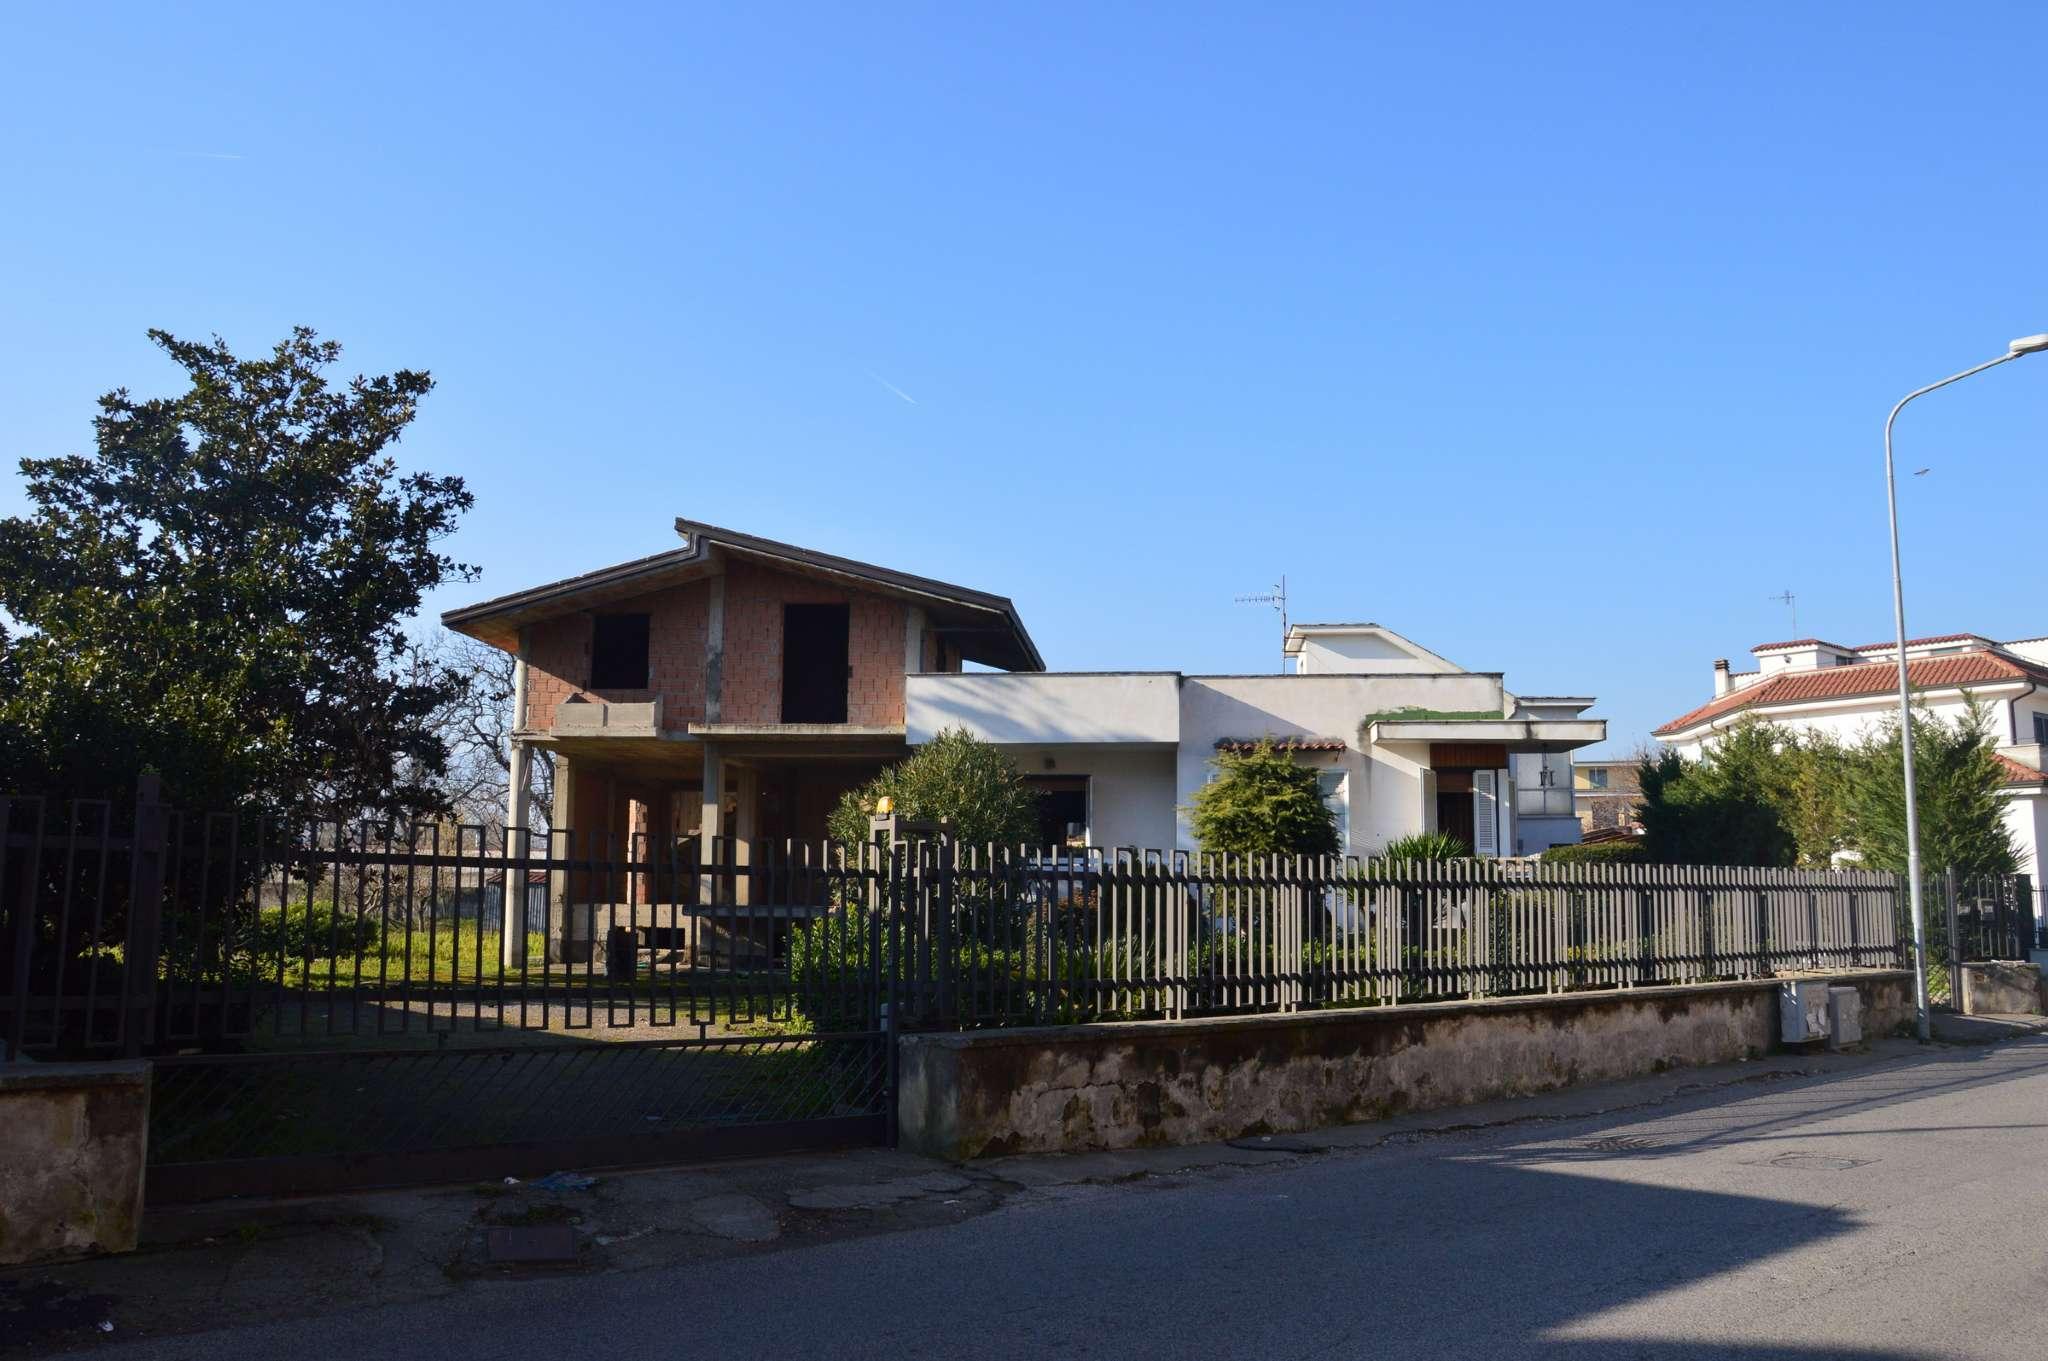 Soluzione Indipendente in vendita a San Gennaro Vesuviano, 10 locali, prezzo € 625.000 | CambioCasa.it